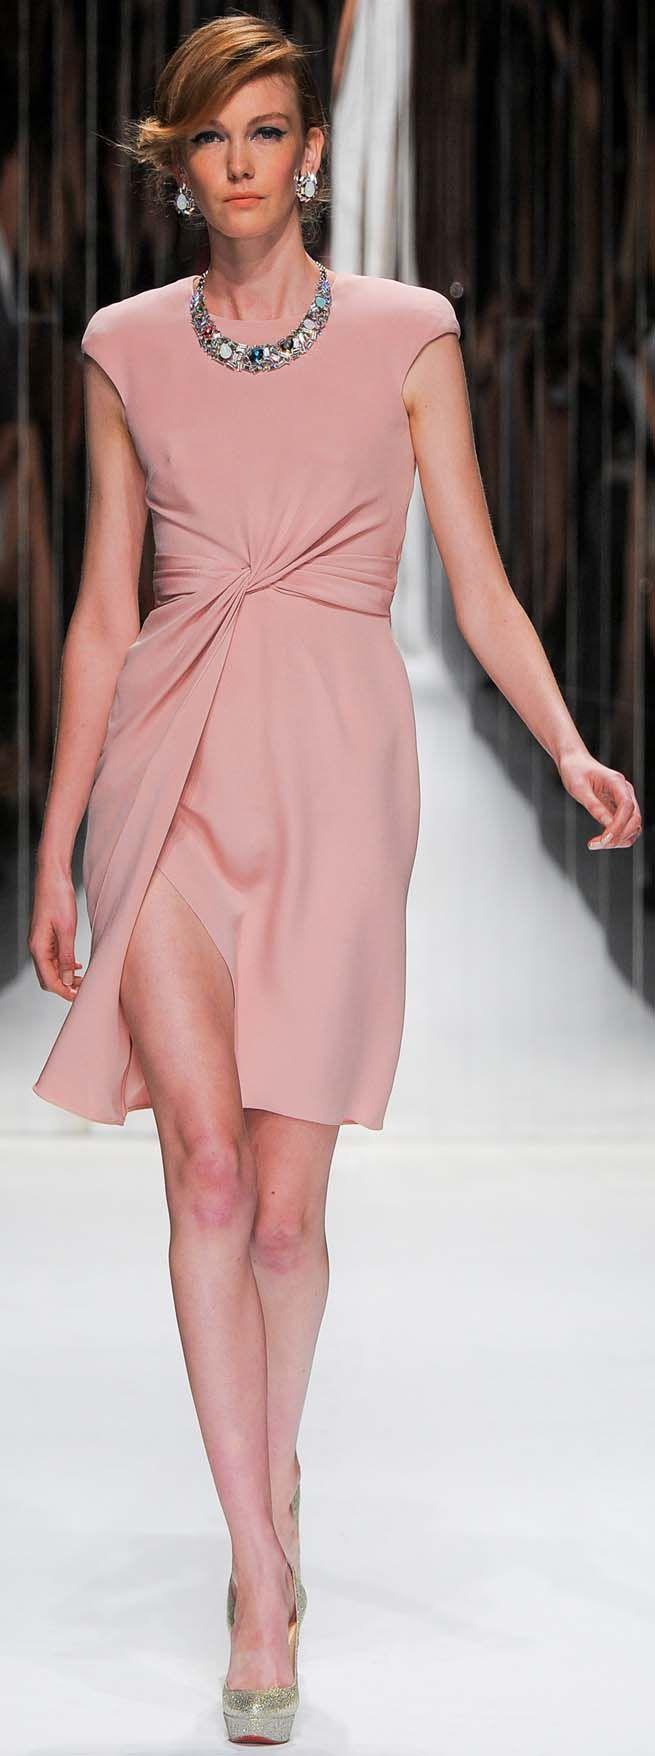 Jenny Packham Spring 2013 - Dresses | rosa chic | Pinterest ...